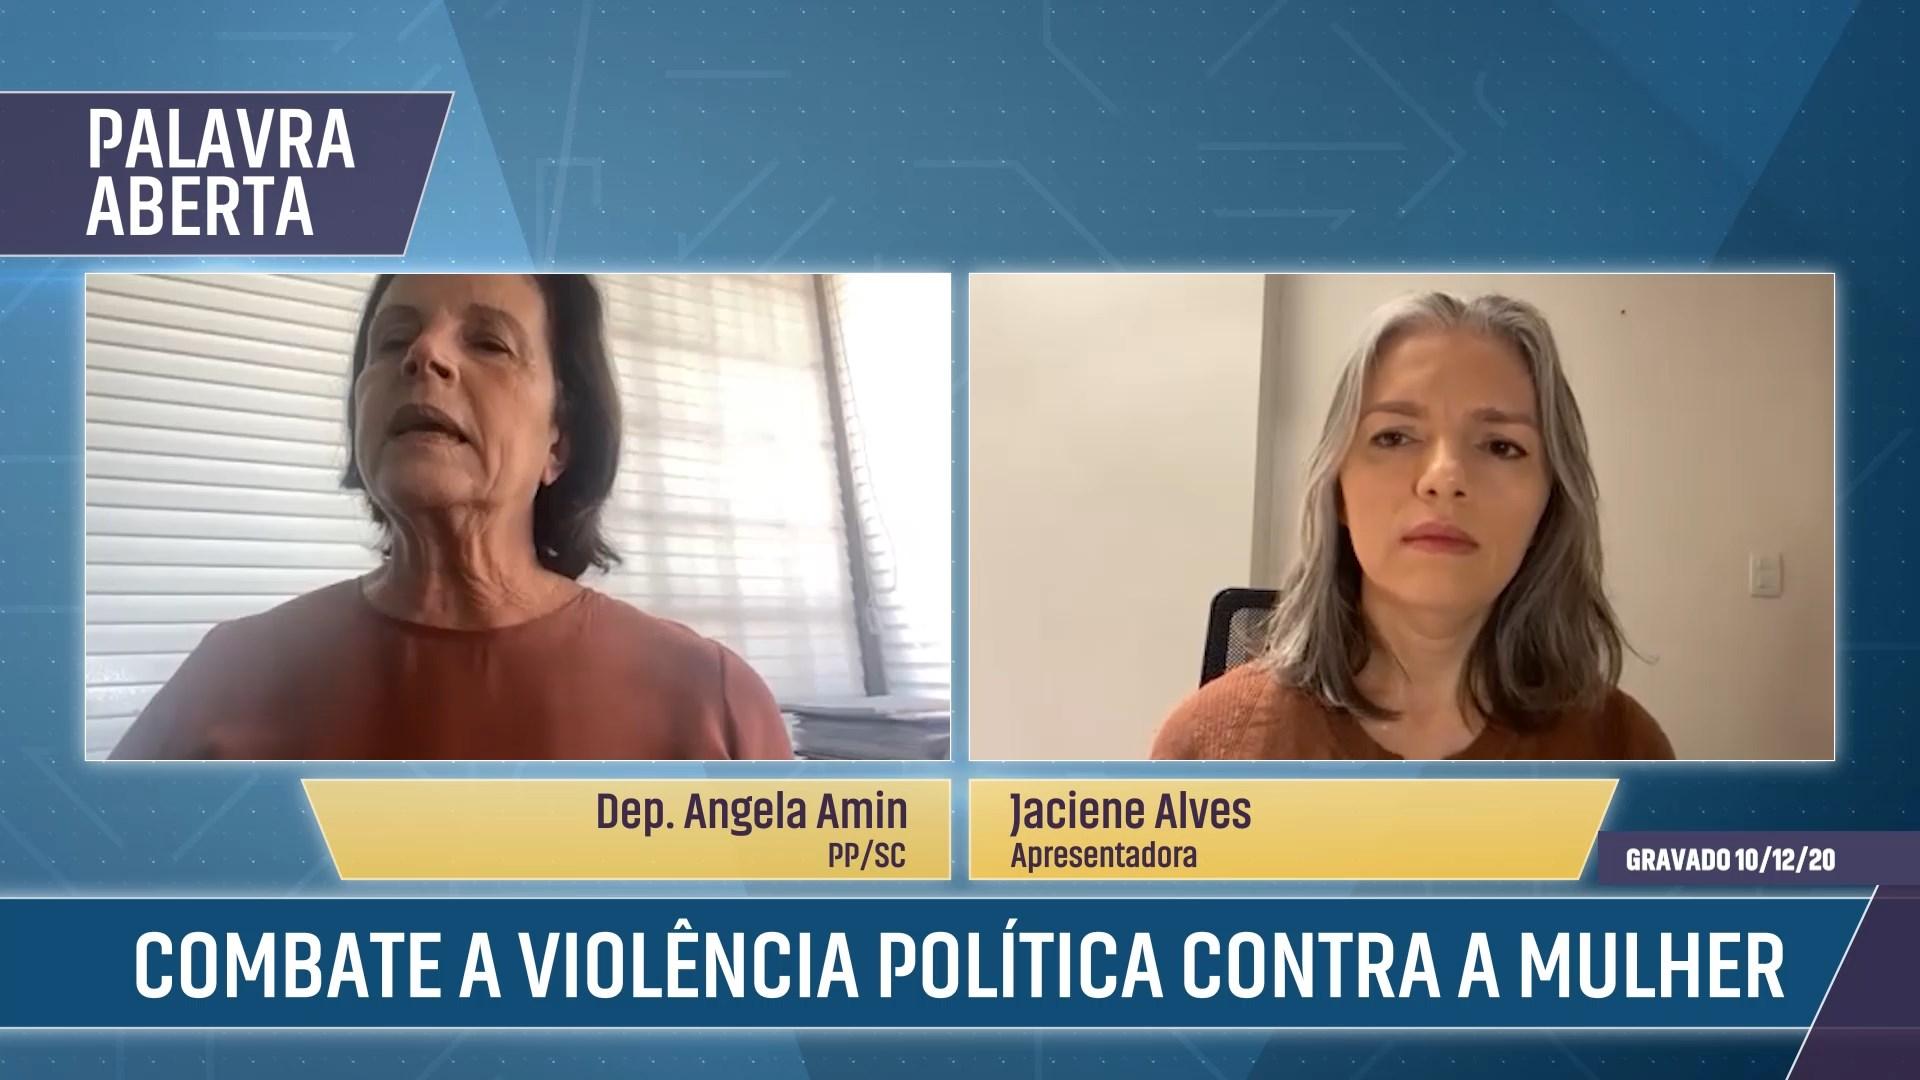 Combate a violência política contra a mulher